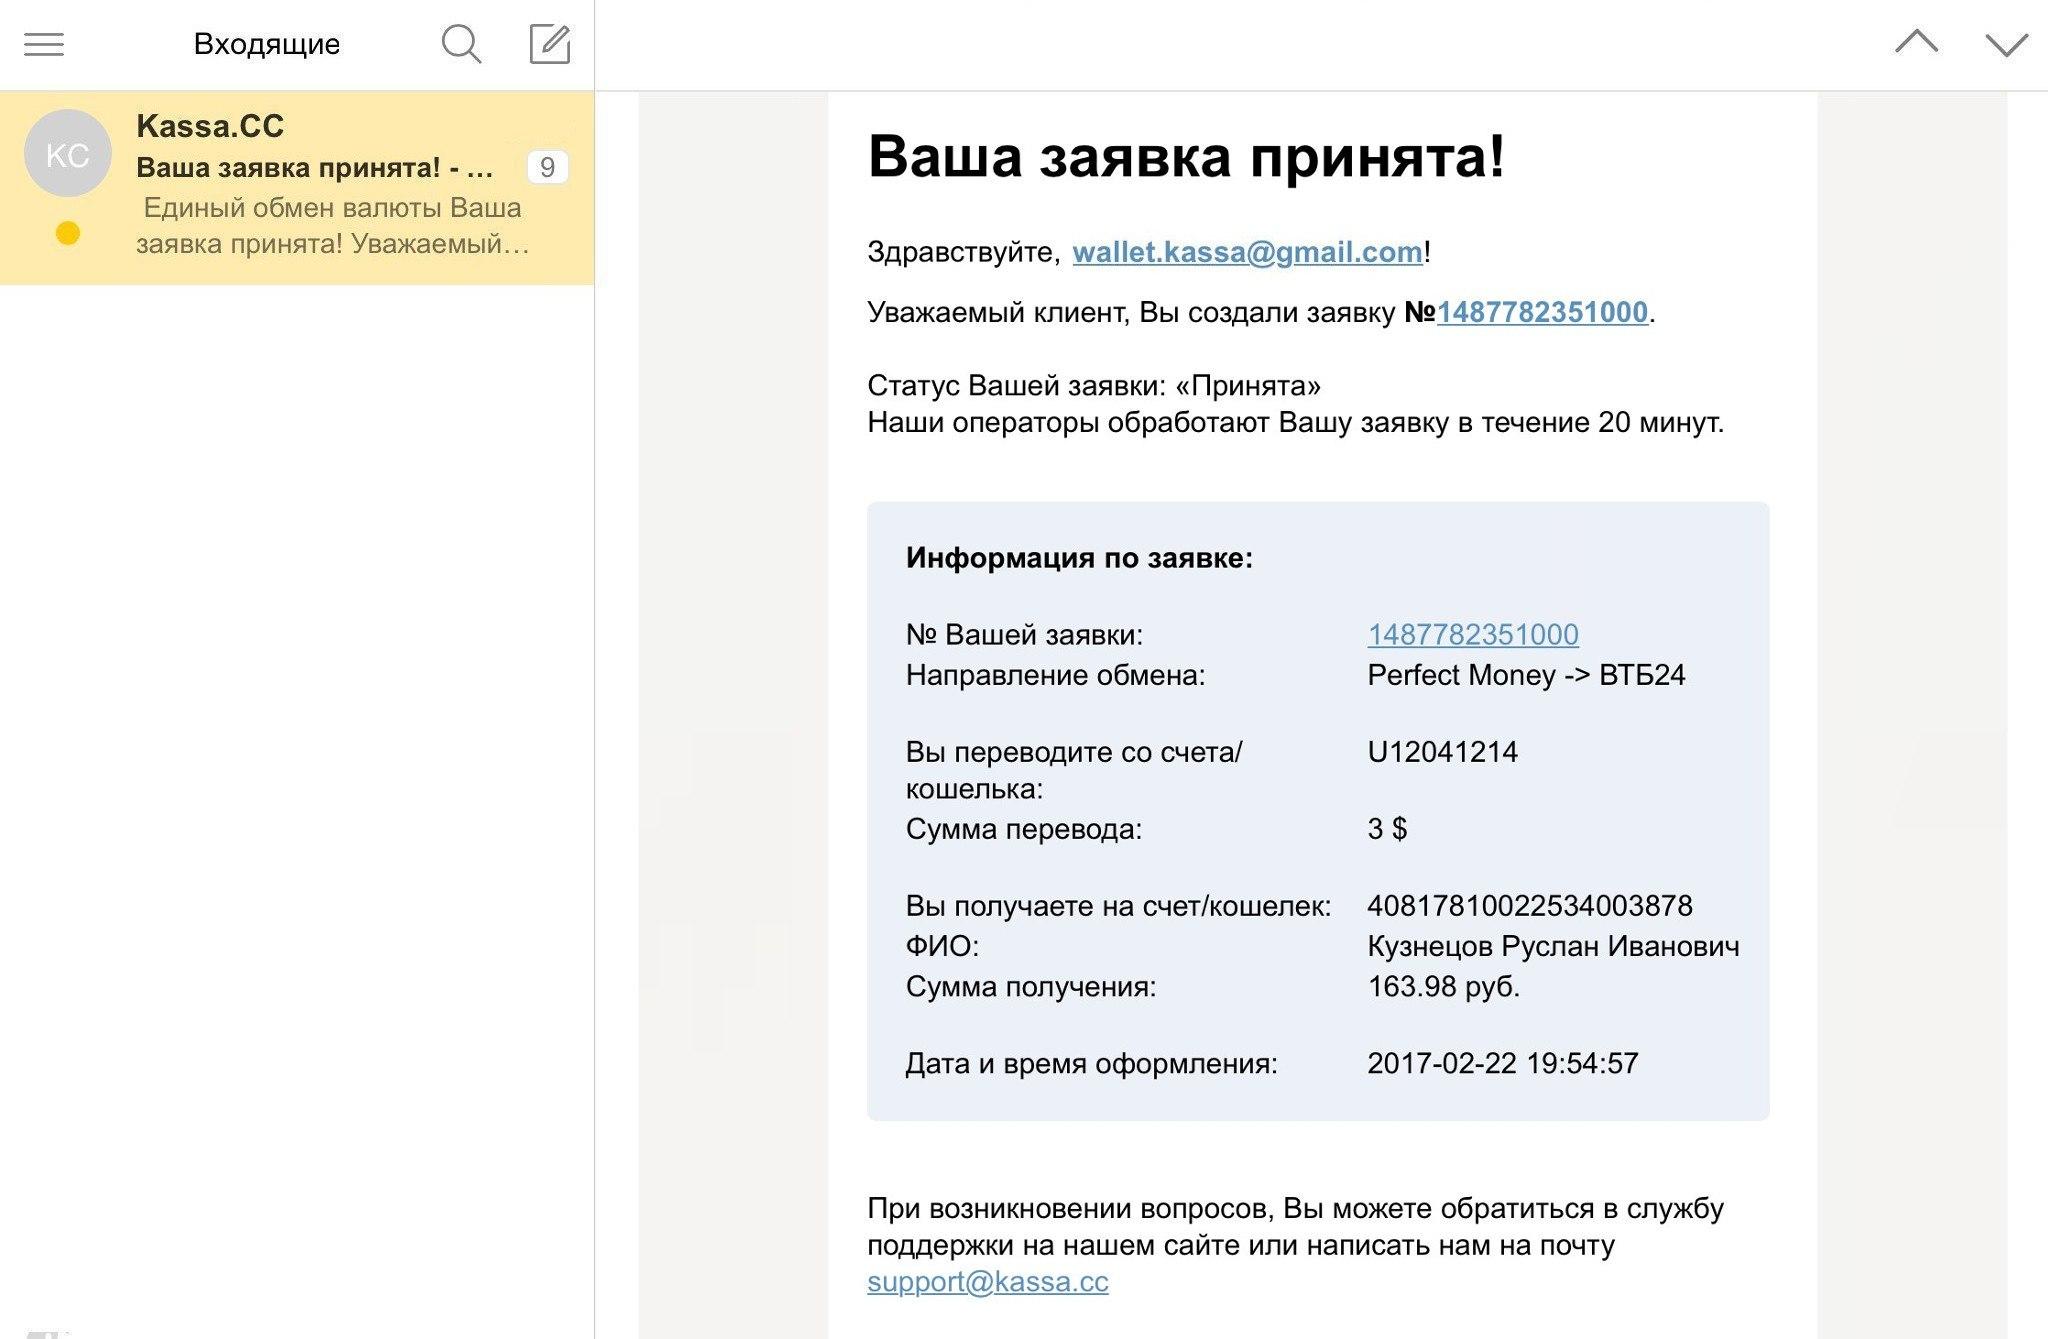 Kassa.cc - единый обмен валюты. Вывод Perfect Money USD на карту ВТБ24